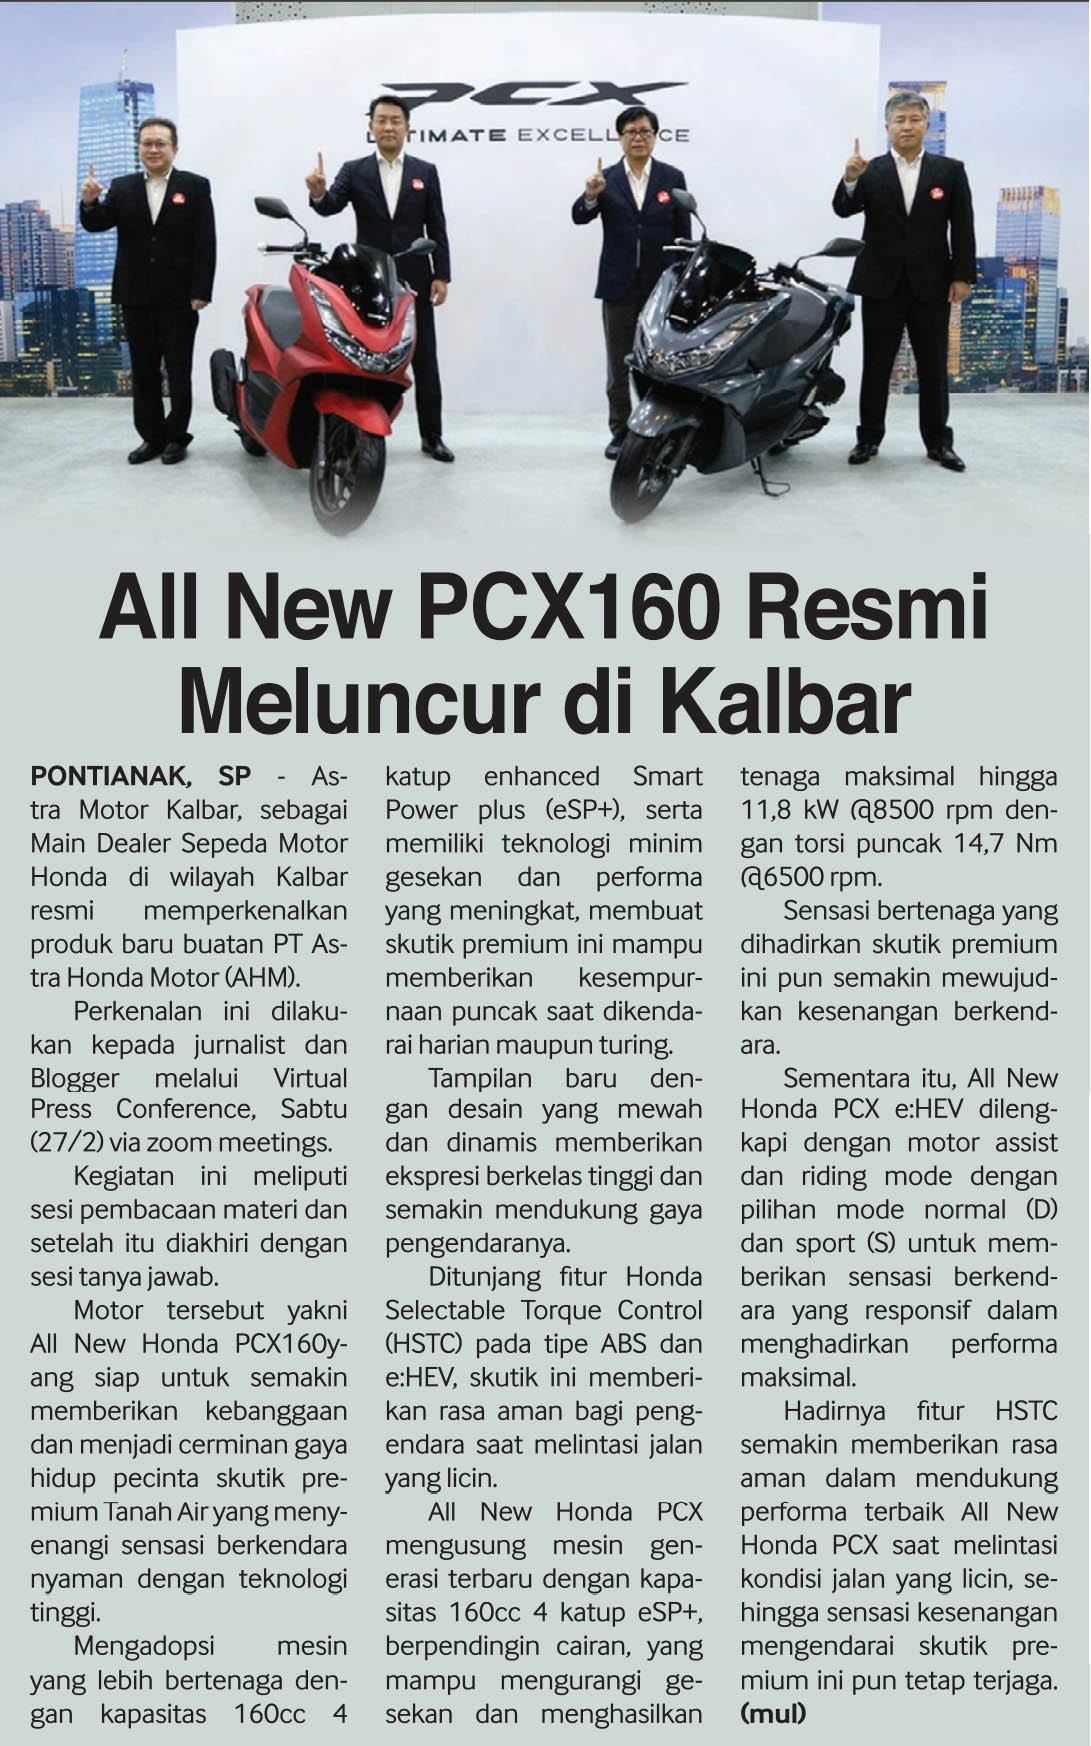 01 mar 2021 All New Honda PCX160 Resmu Meluncur di Kalbar